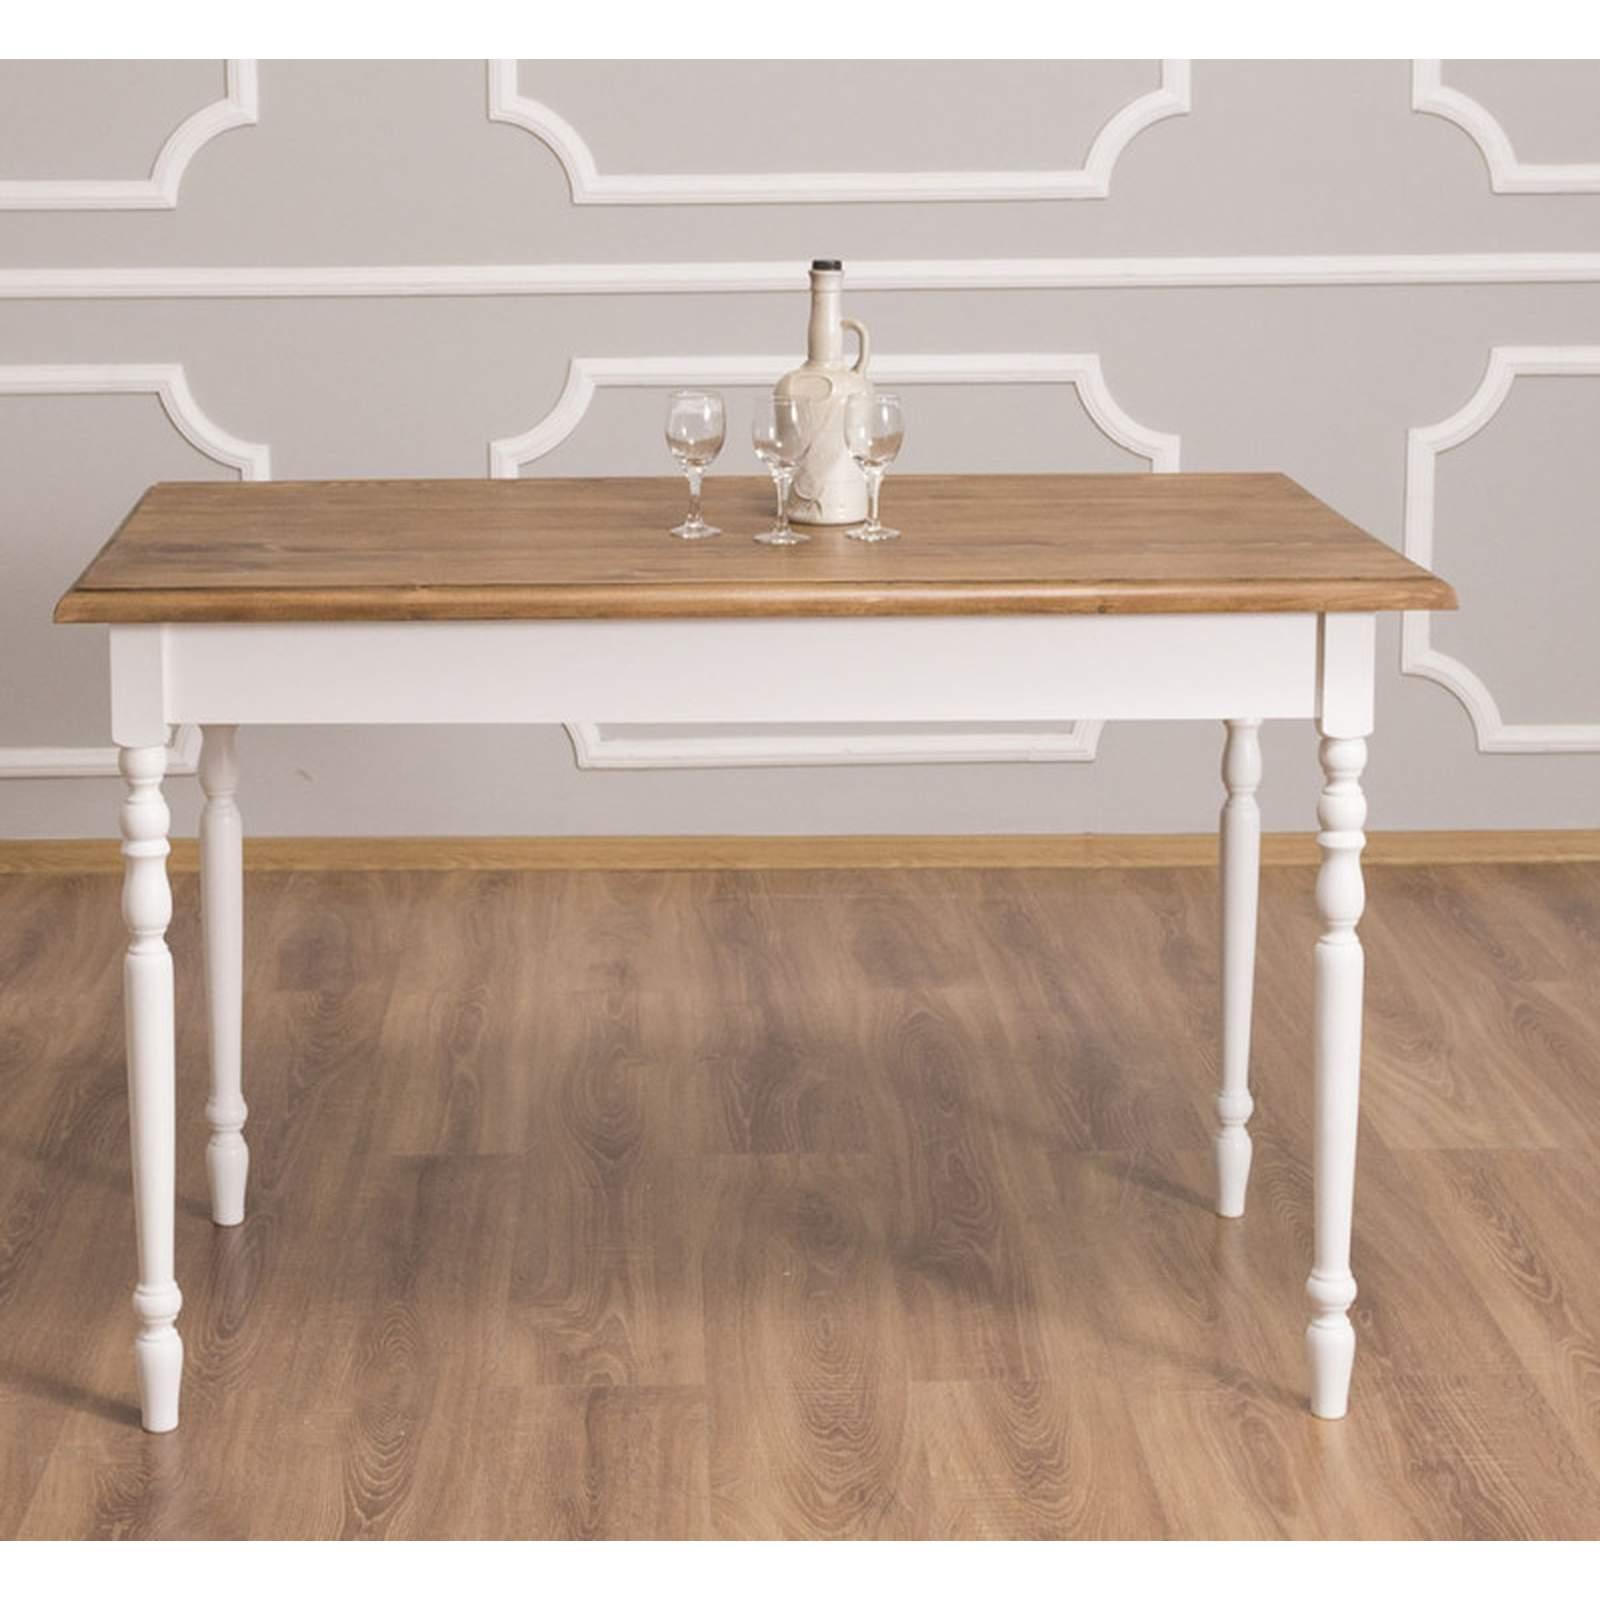 Rustikaler Massivholz Esstisch weiß 120 x 70 cm, 283,62 €   Esstische   Gastronomie   und ...